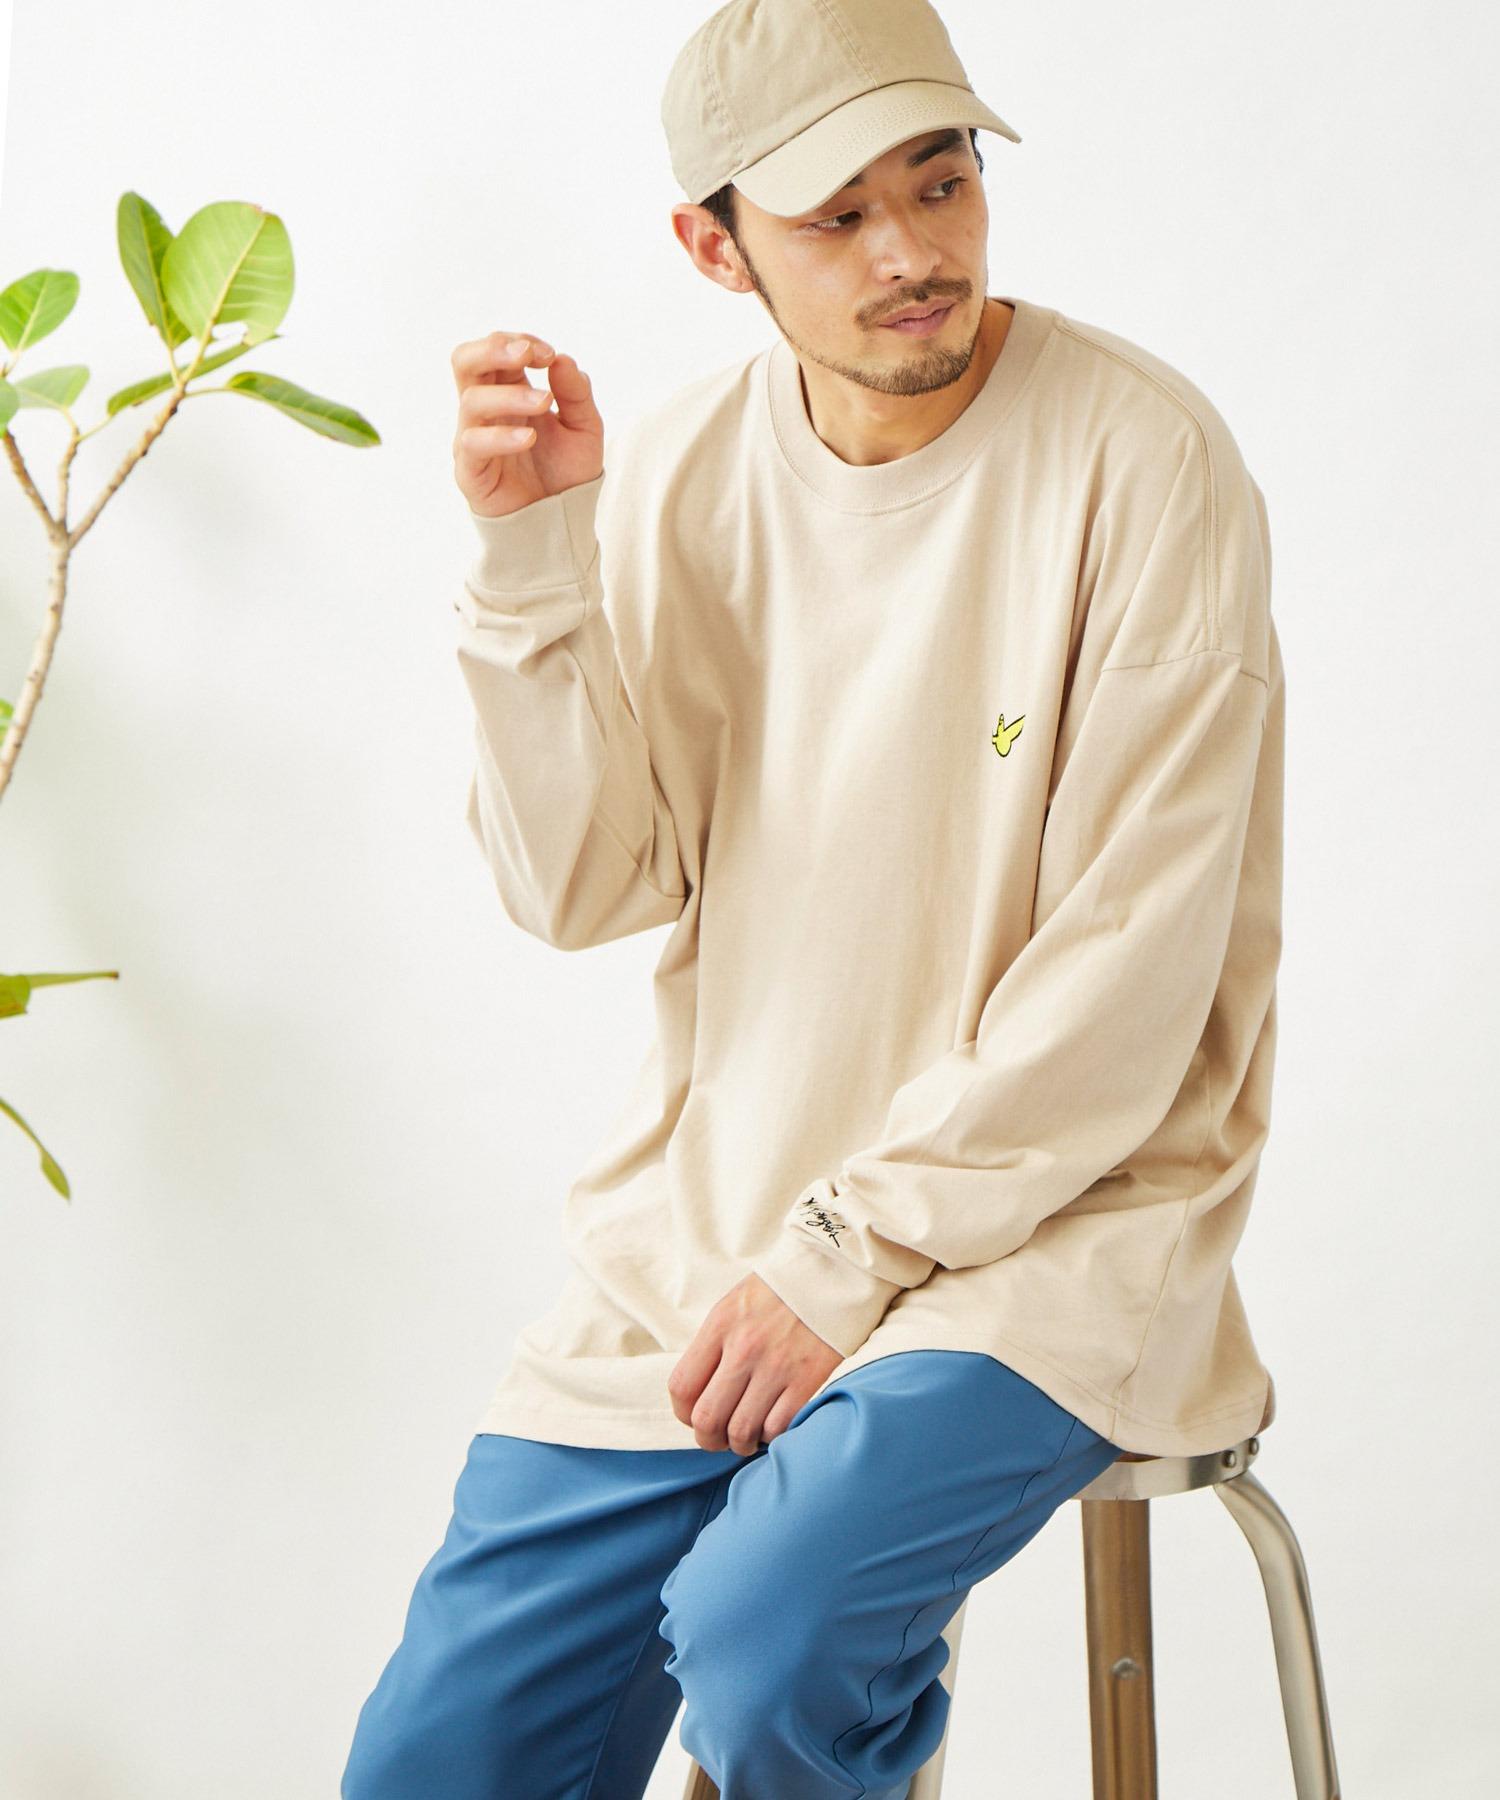 Mark Gonzales/マークゴンザレス MONO-MART別注 ビッグシルエット胸刺繍 長袖Tee